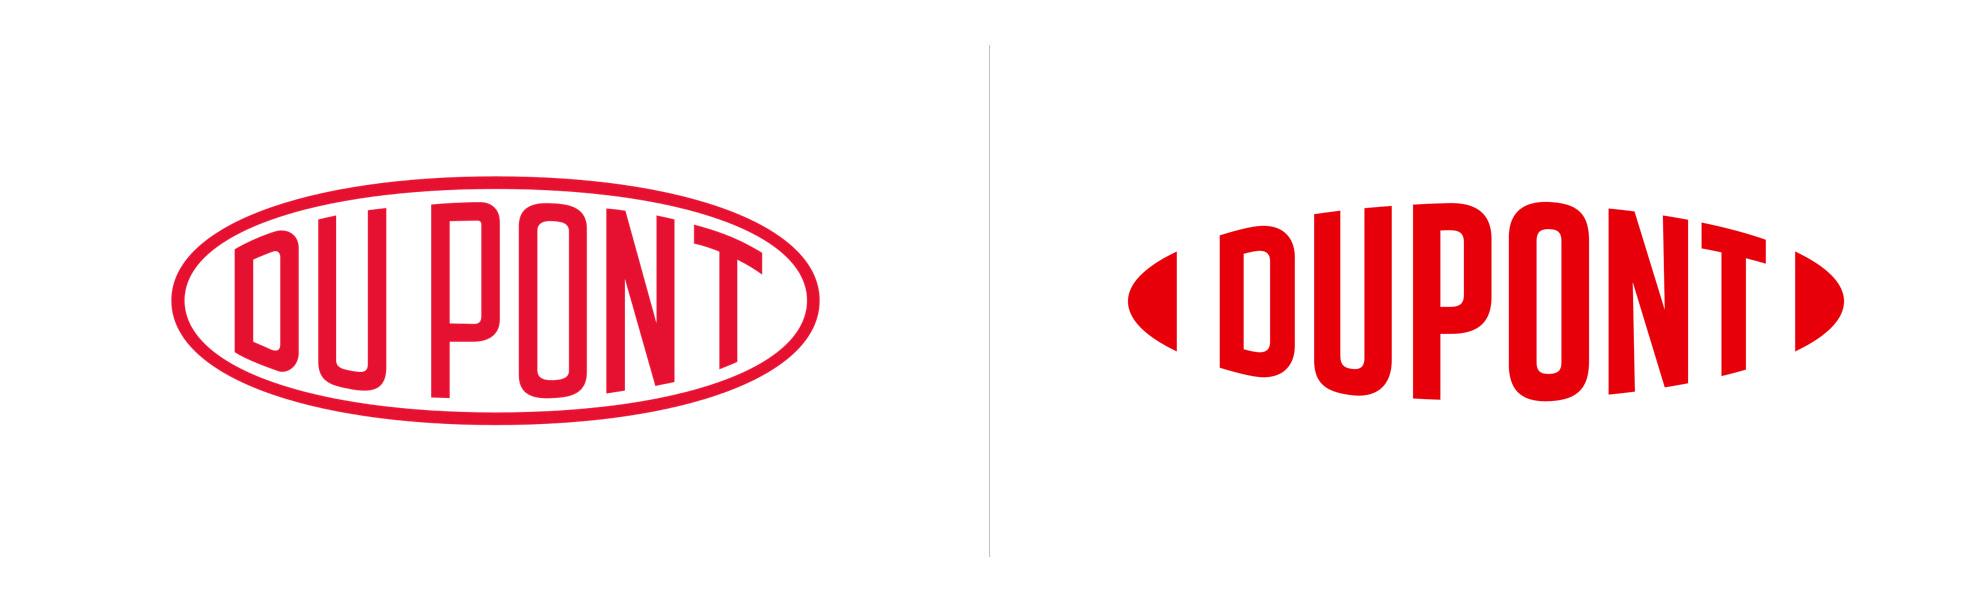 dupont stare inowe logo